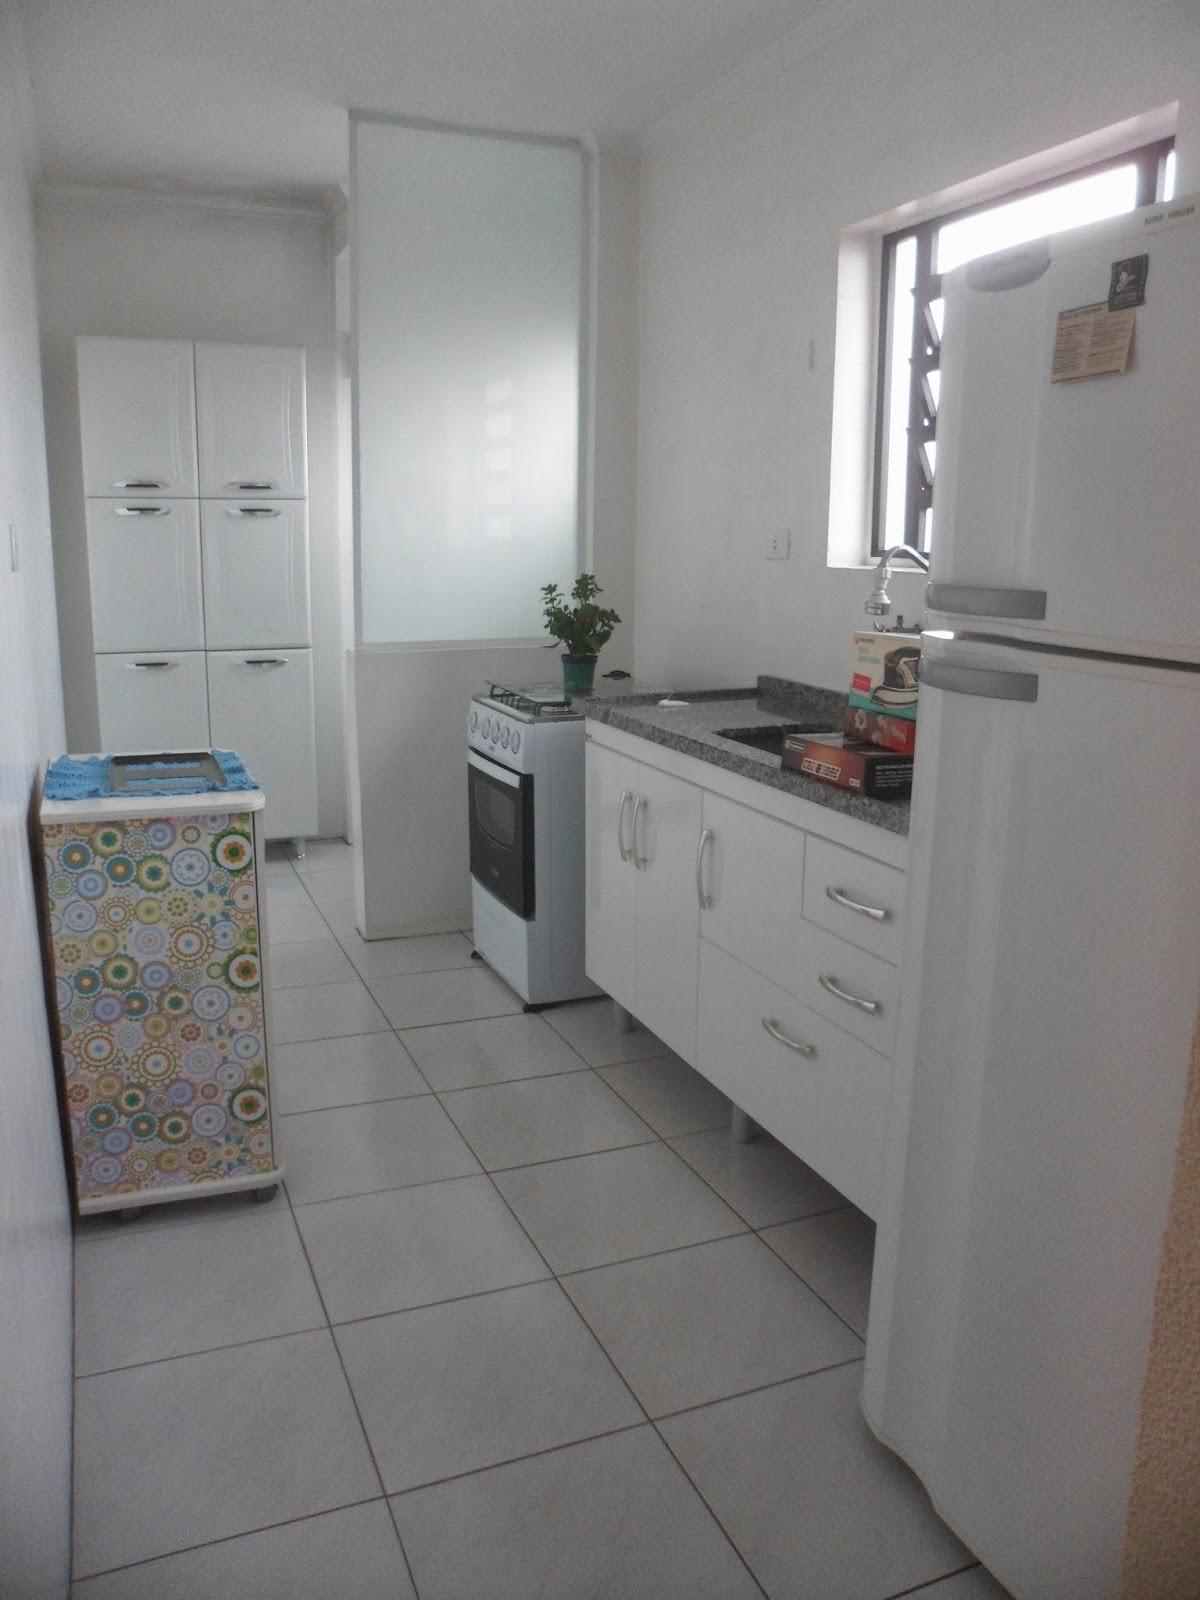 tamanho da cozinha é bom é bem iluminado por causa da janela na  #4E6671 1200x1600 Banheiro Azulejo Pintado